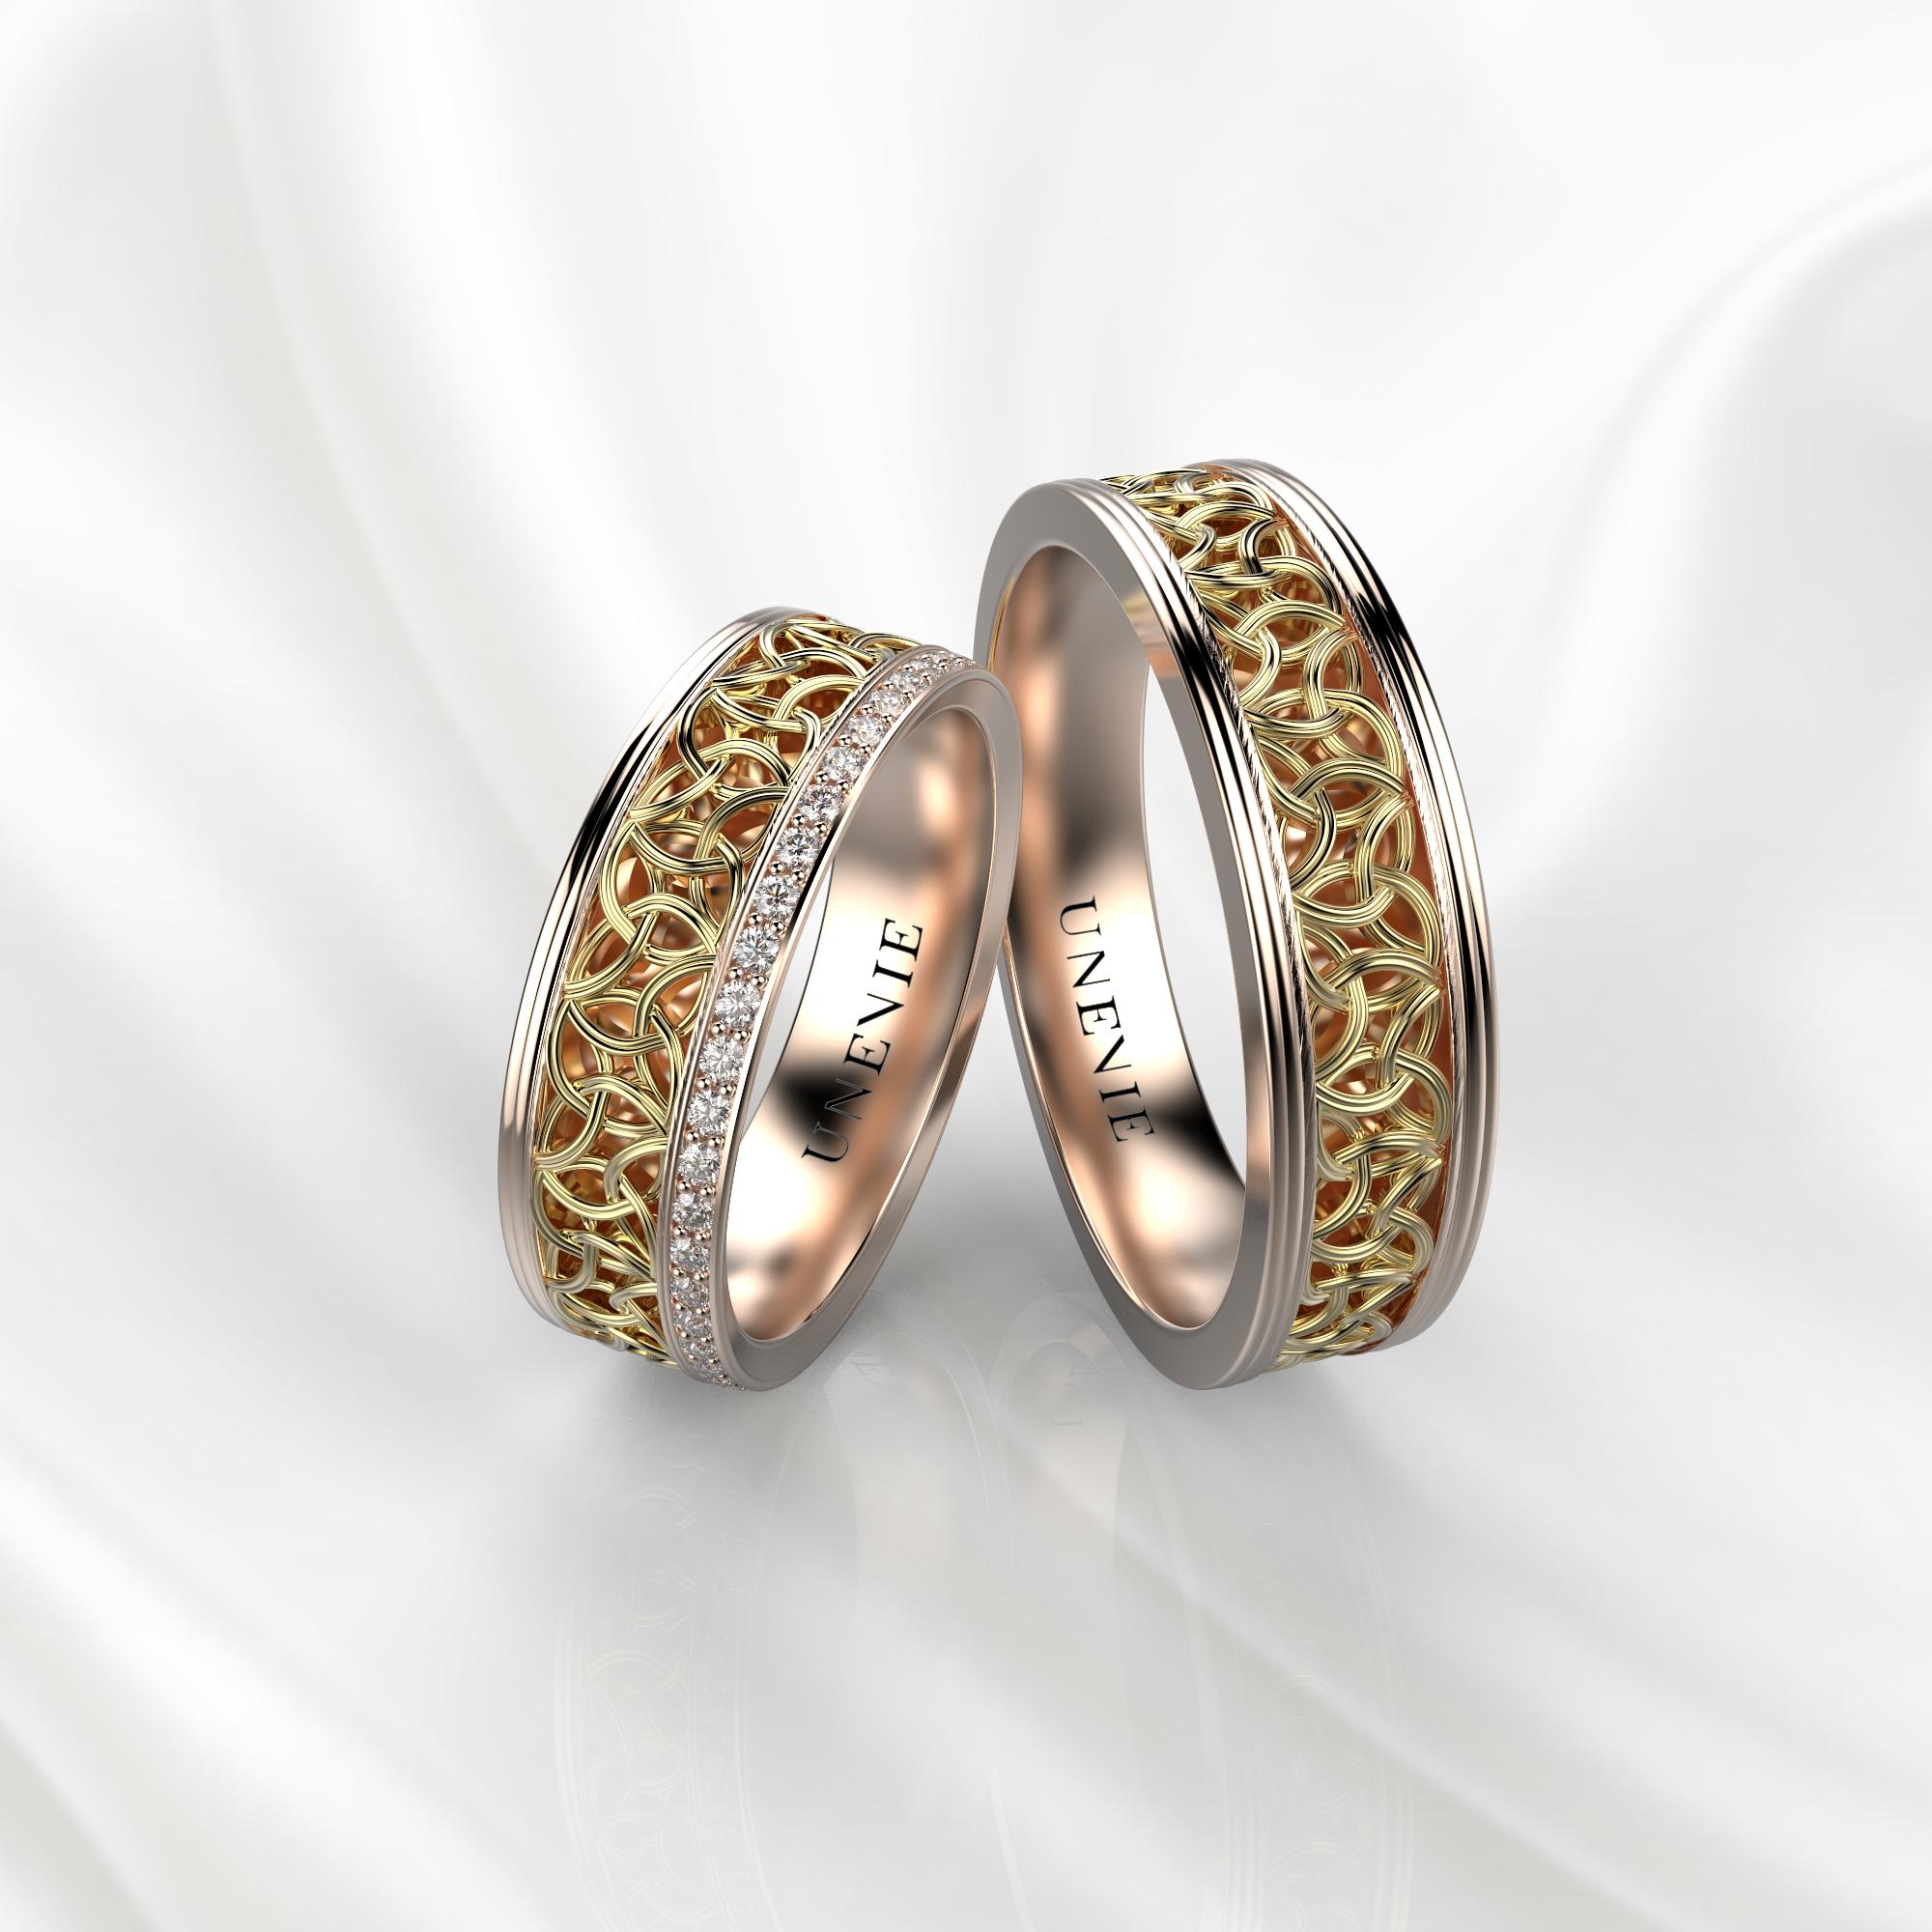 NV64 Парные обручальные кольца из розово-желтого золота с бриллиантами